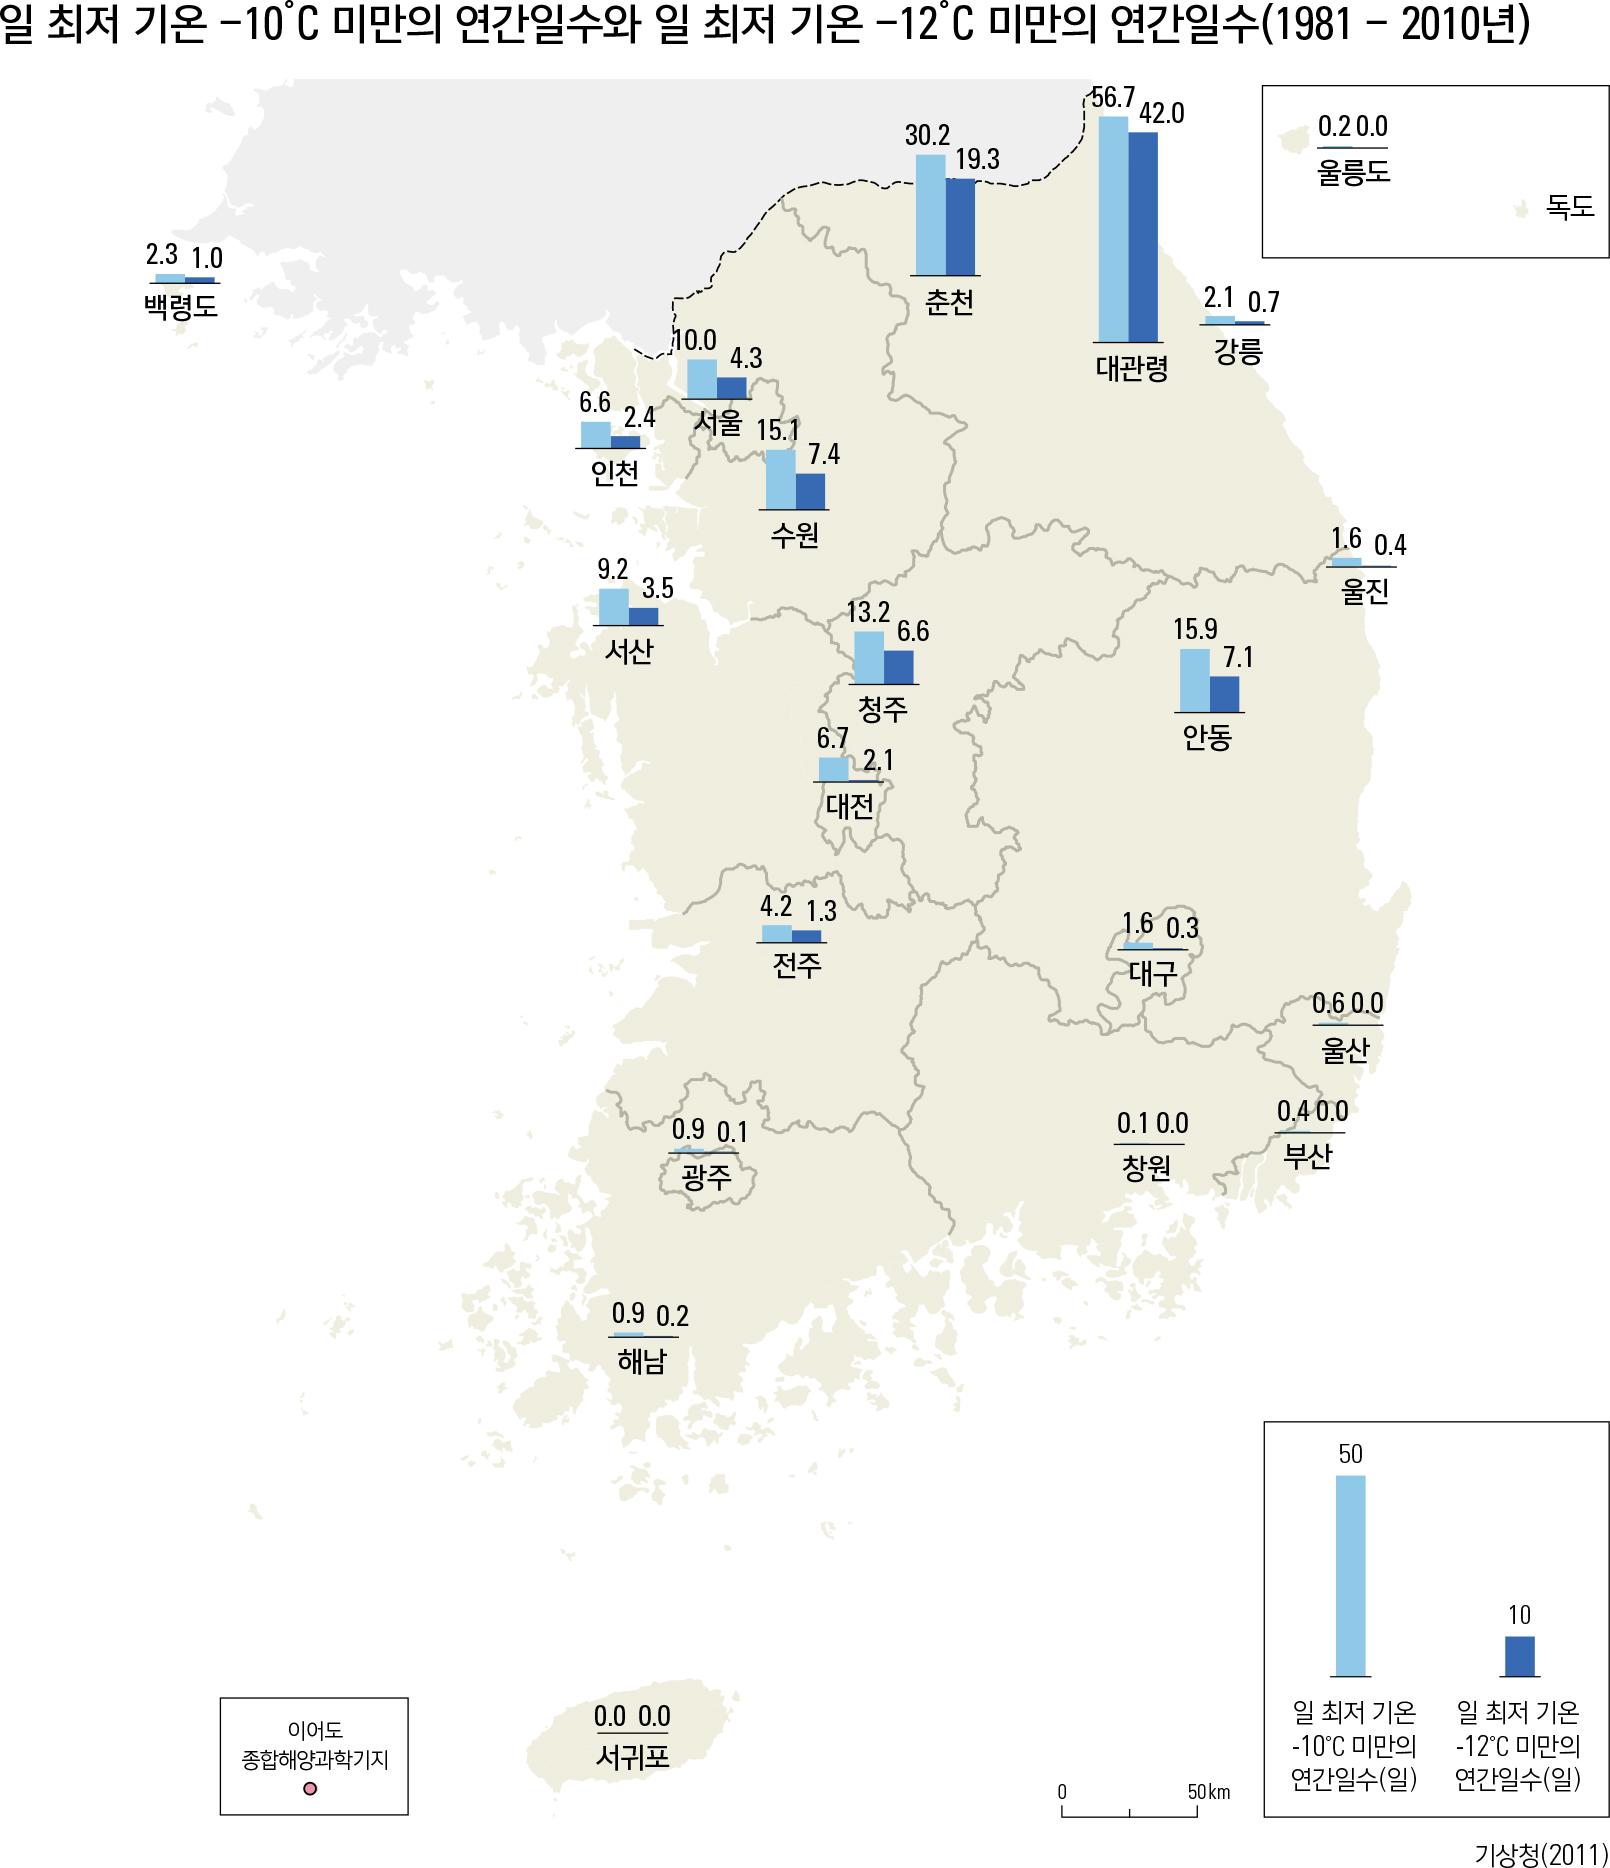 일 최저 기온 -10 ̊C 미만의 연간일수와 일 최저 기온 -12 ̊C 미만의 연간일수(1981 - 2010년)